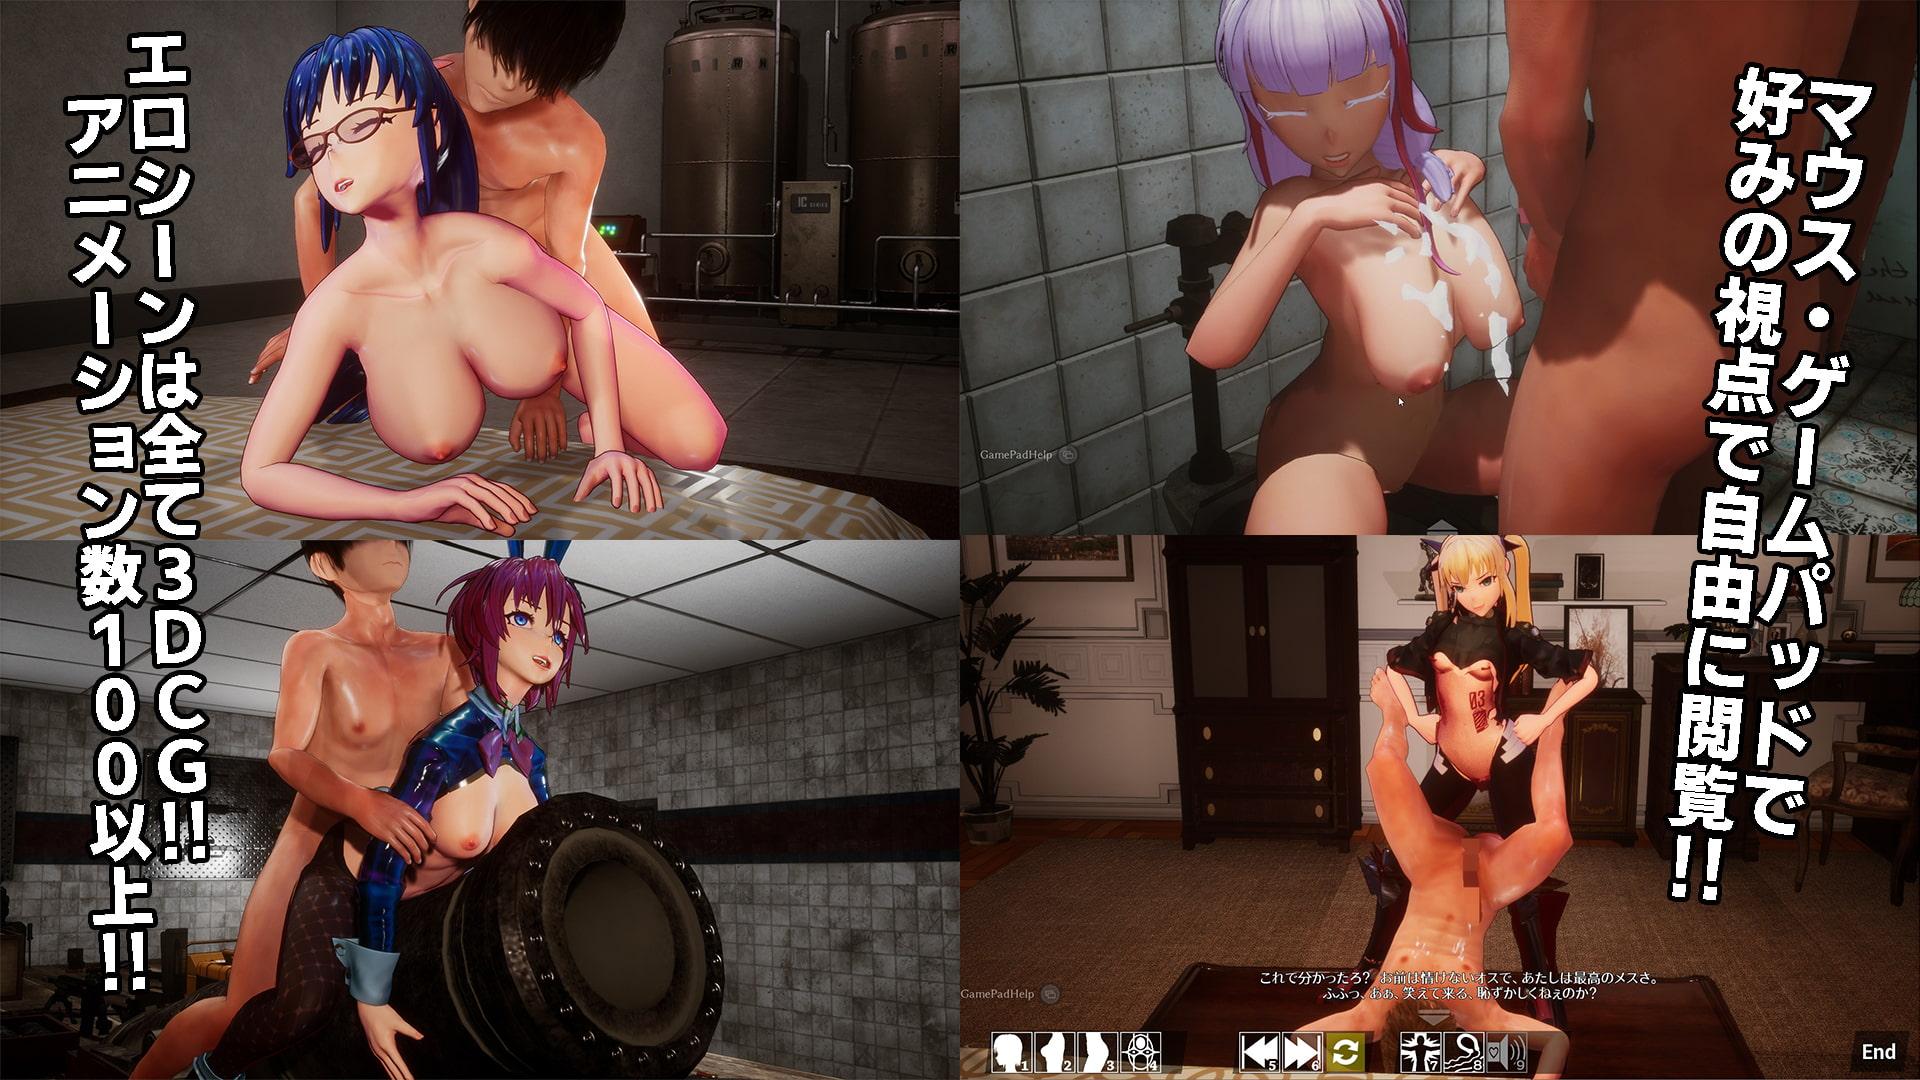 シードオブザデッド:スイートホーム【アダルトゲーム】(TeamKRAMA)3